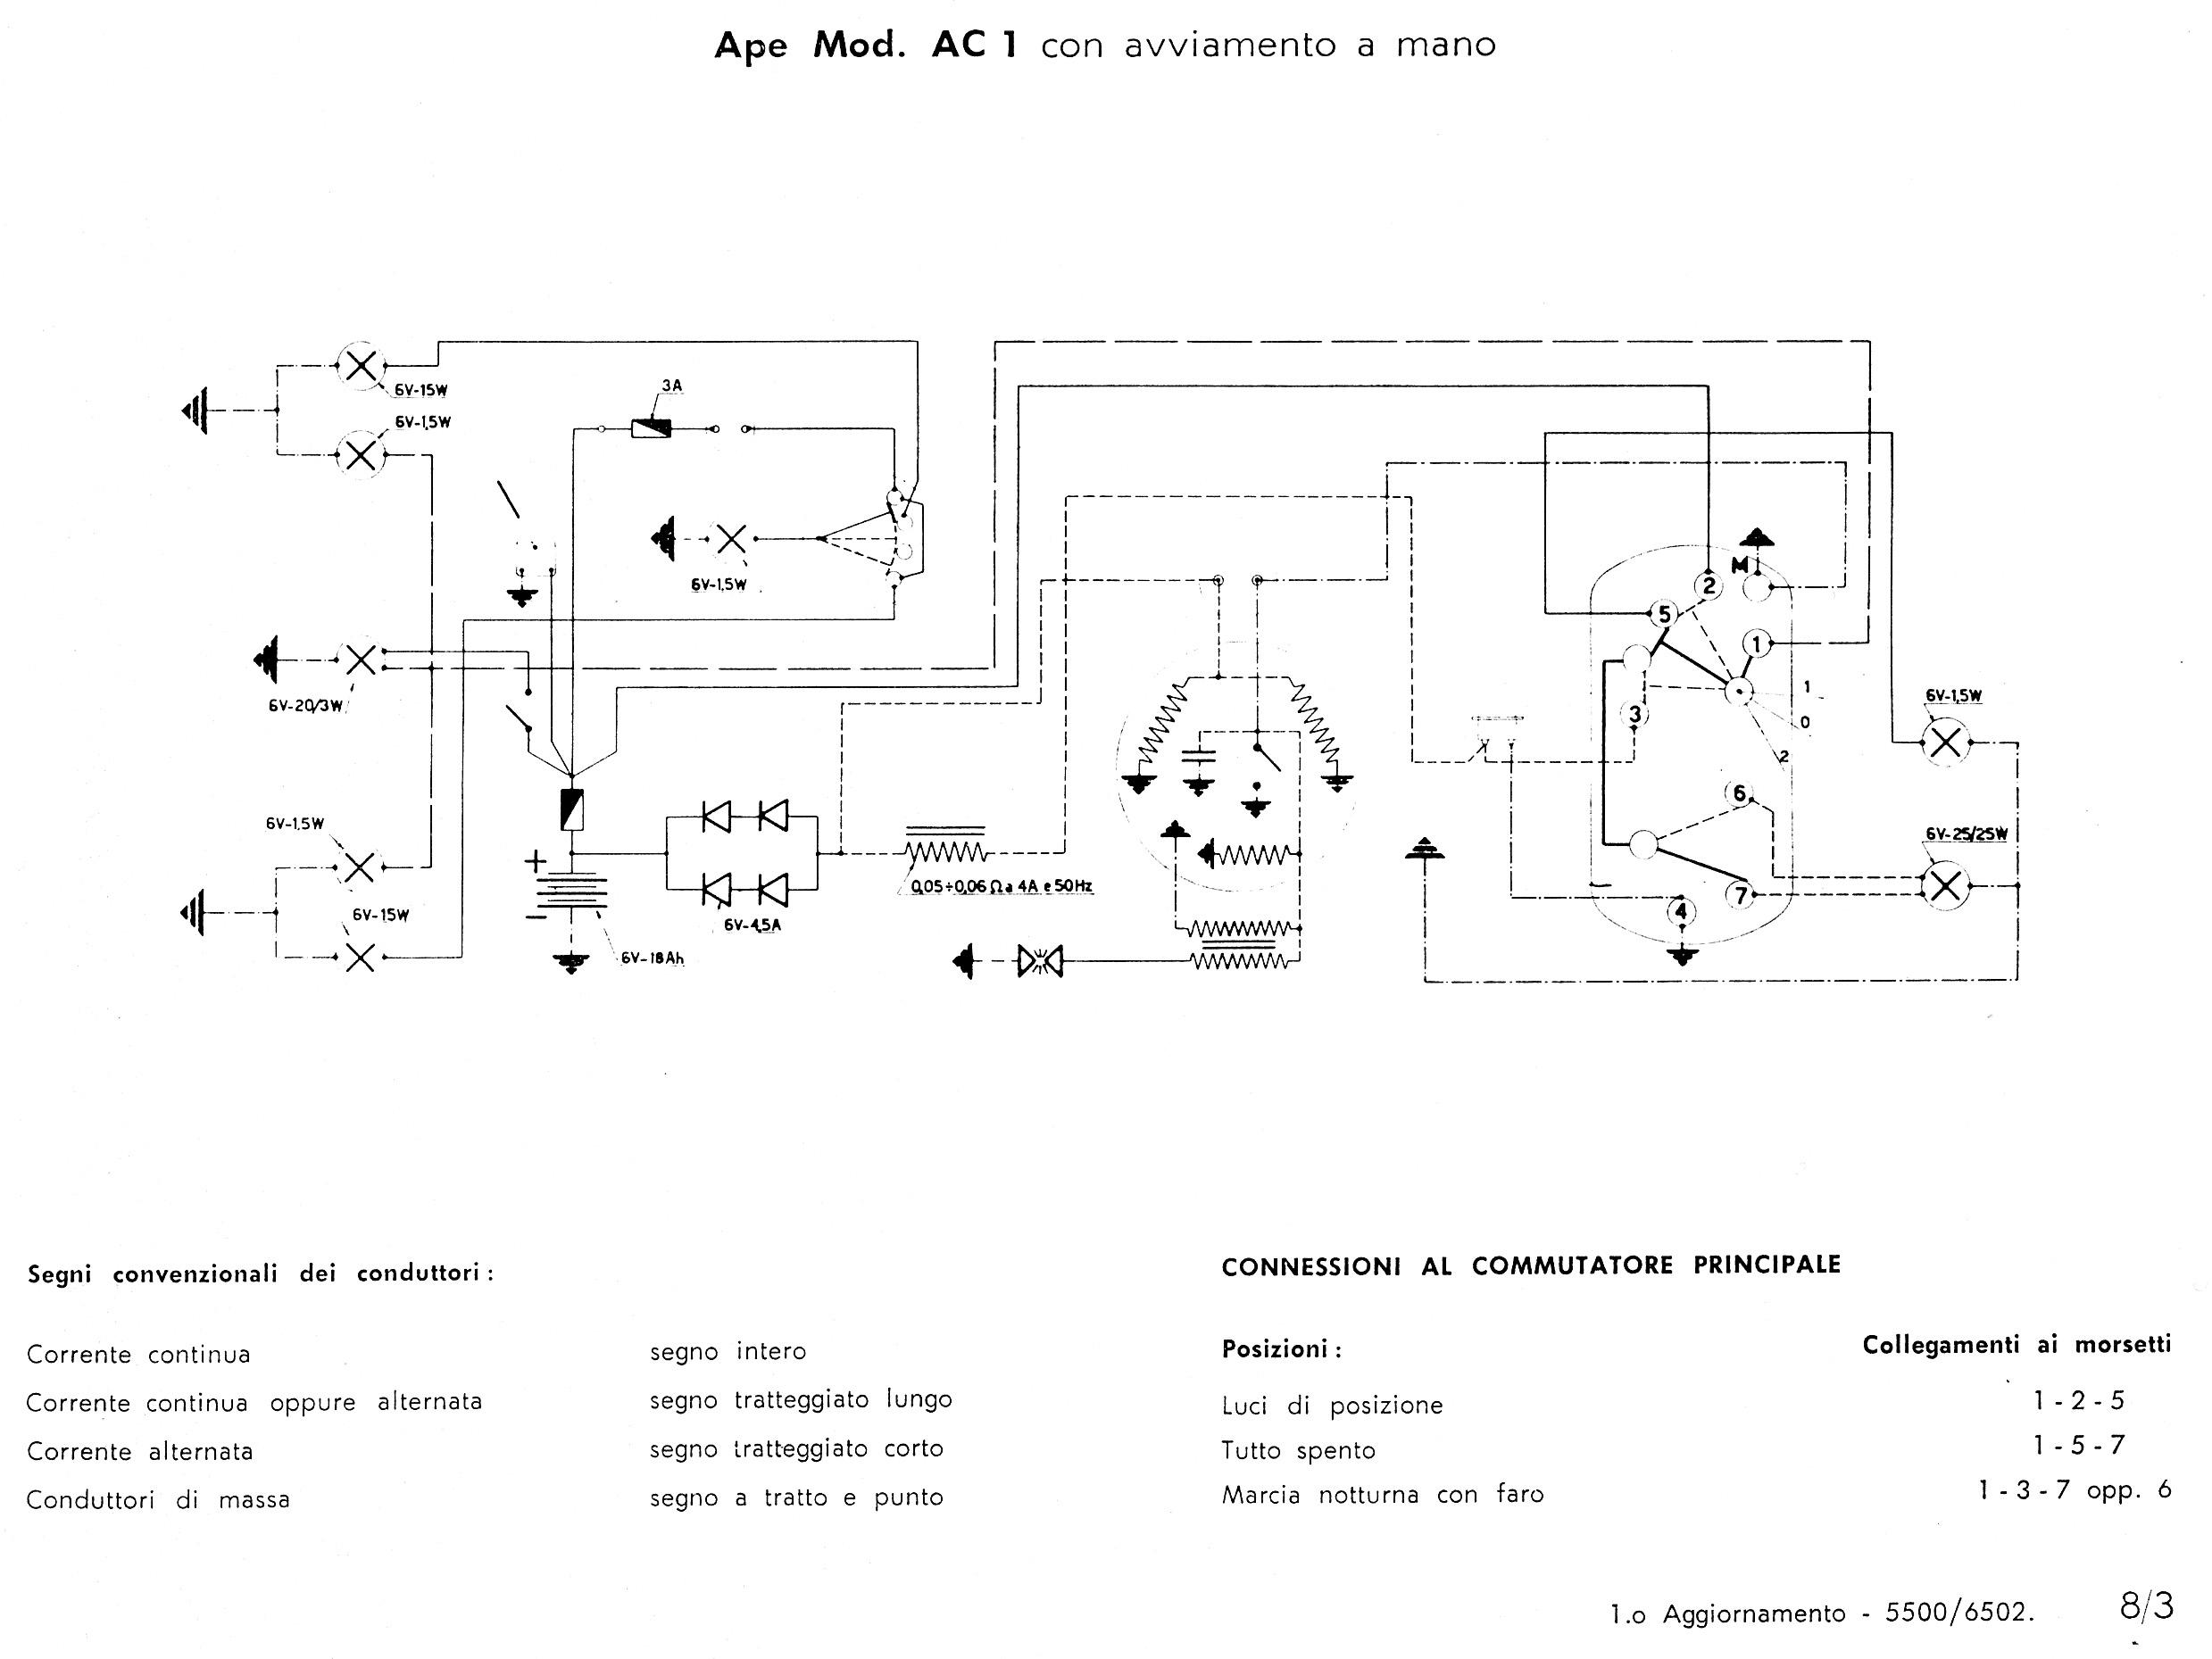 Schema Elettrico Max 250 : Tecnica ape piaggio ac1